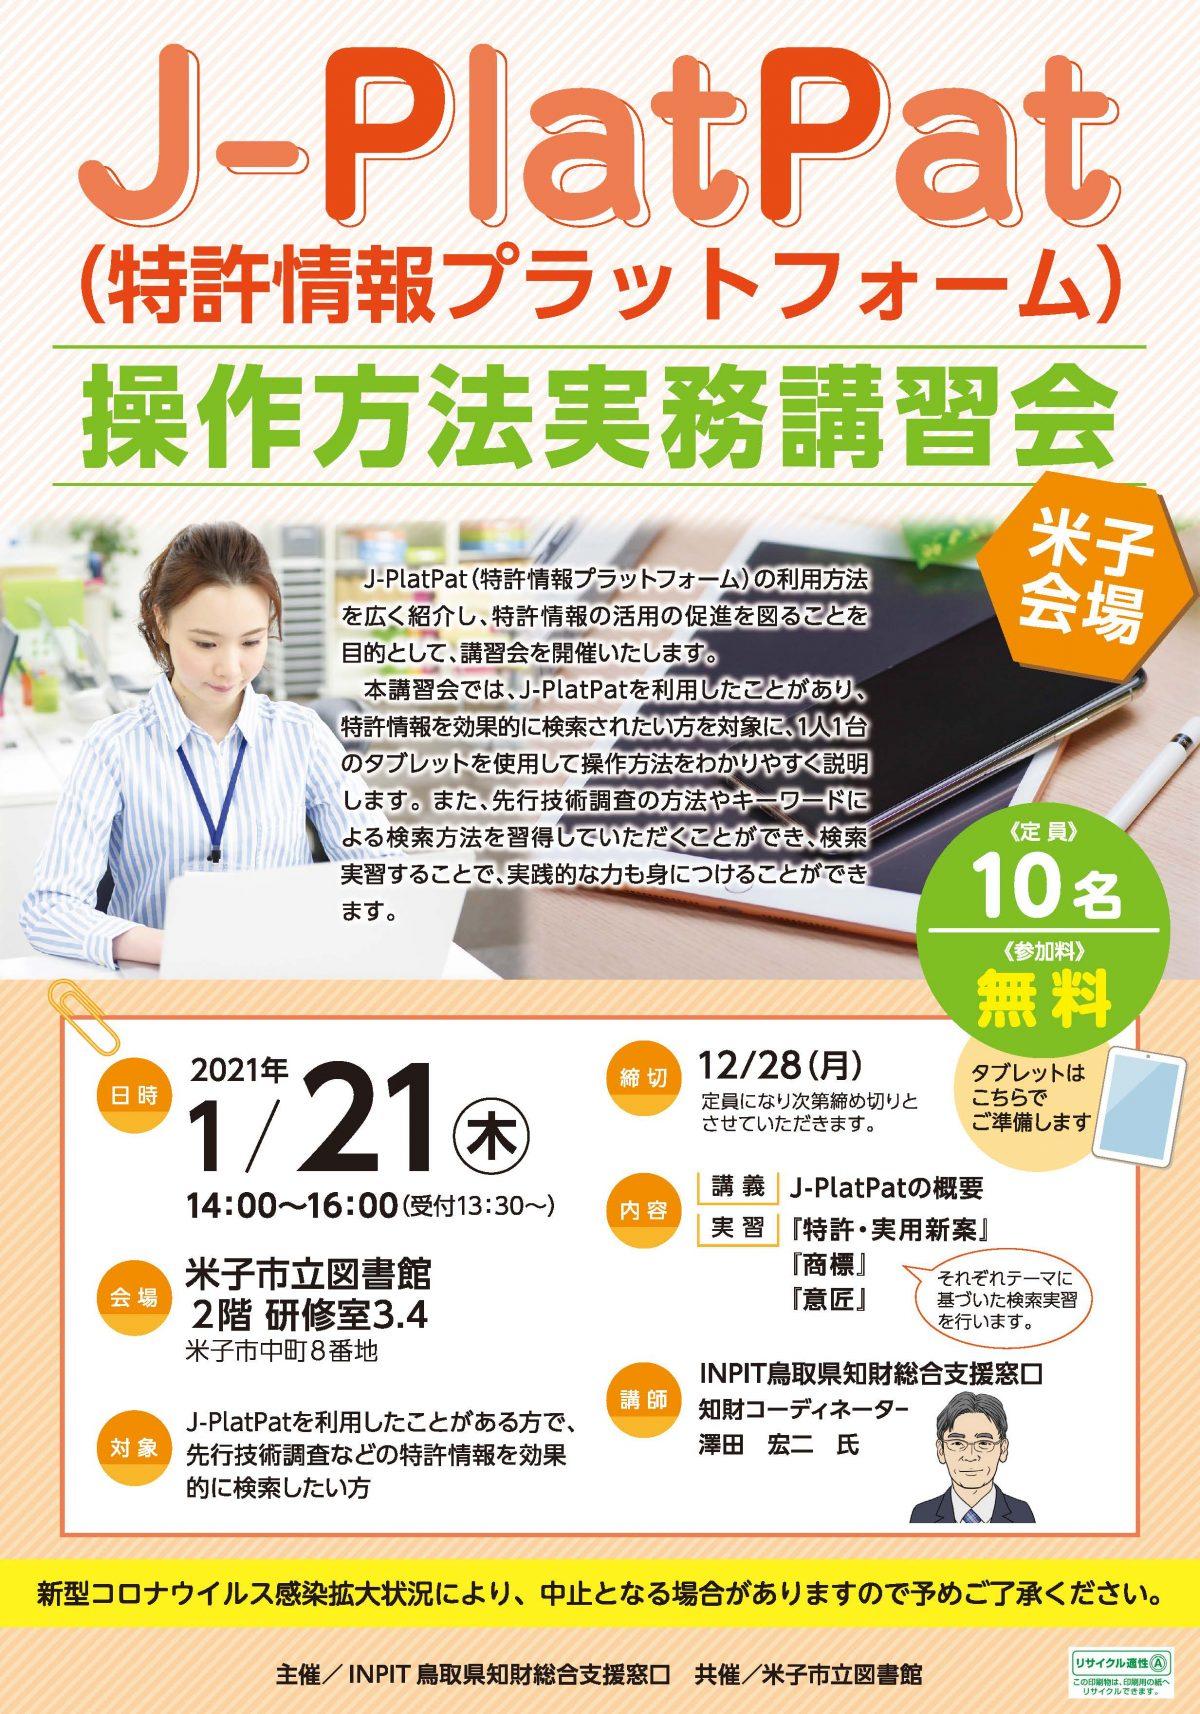 JPlatPat(西部)講習会(高画質最終データ)枠けし_ページ_1